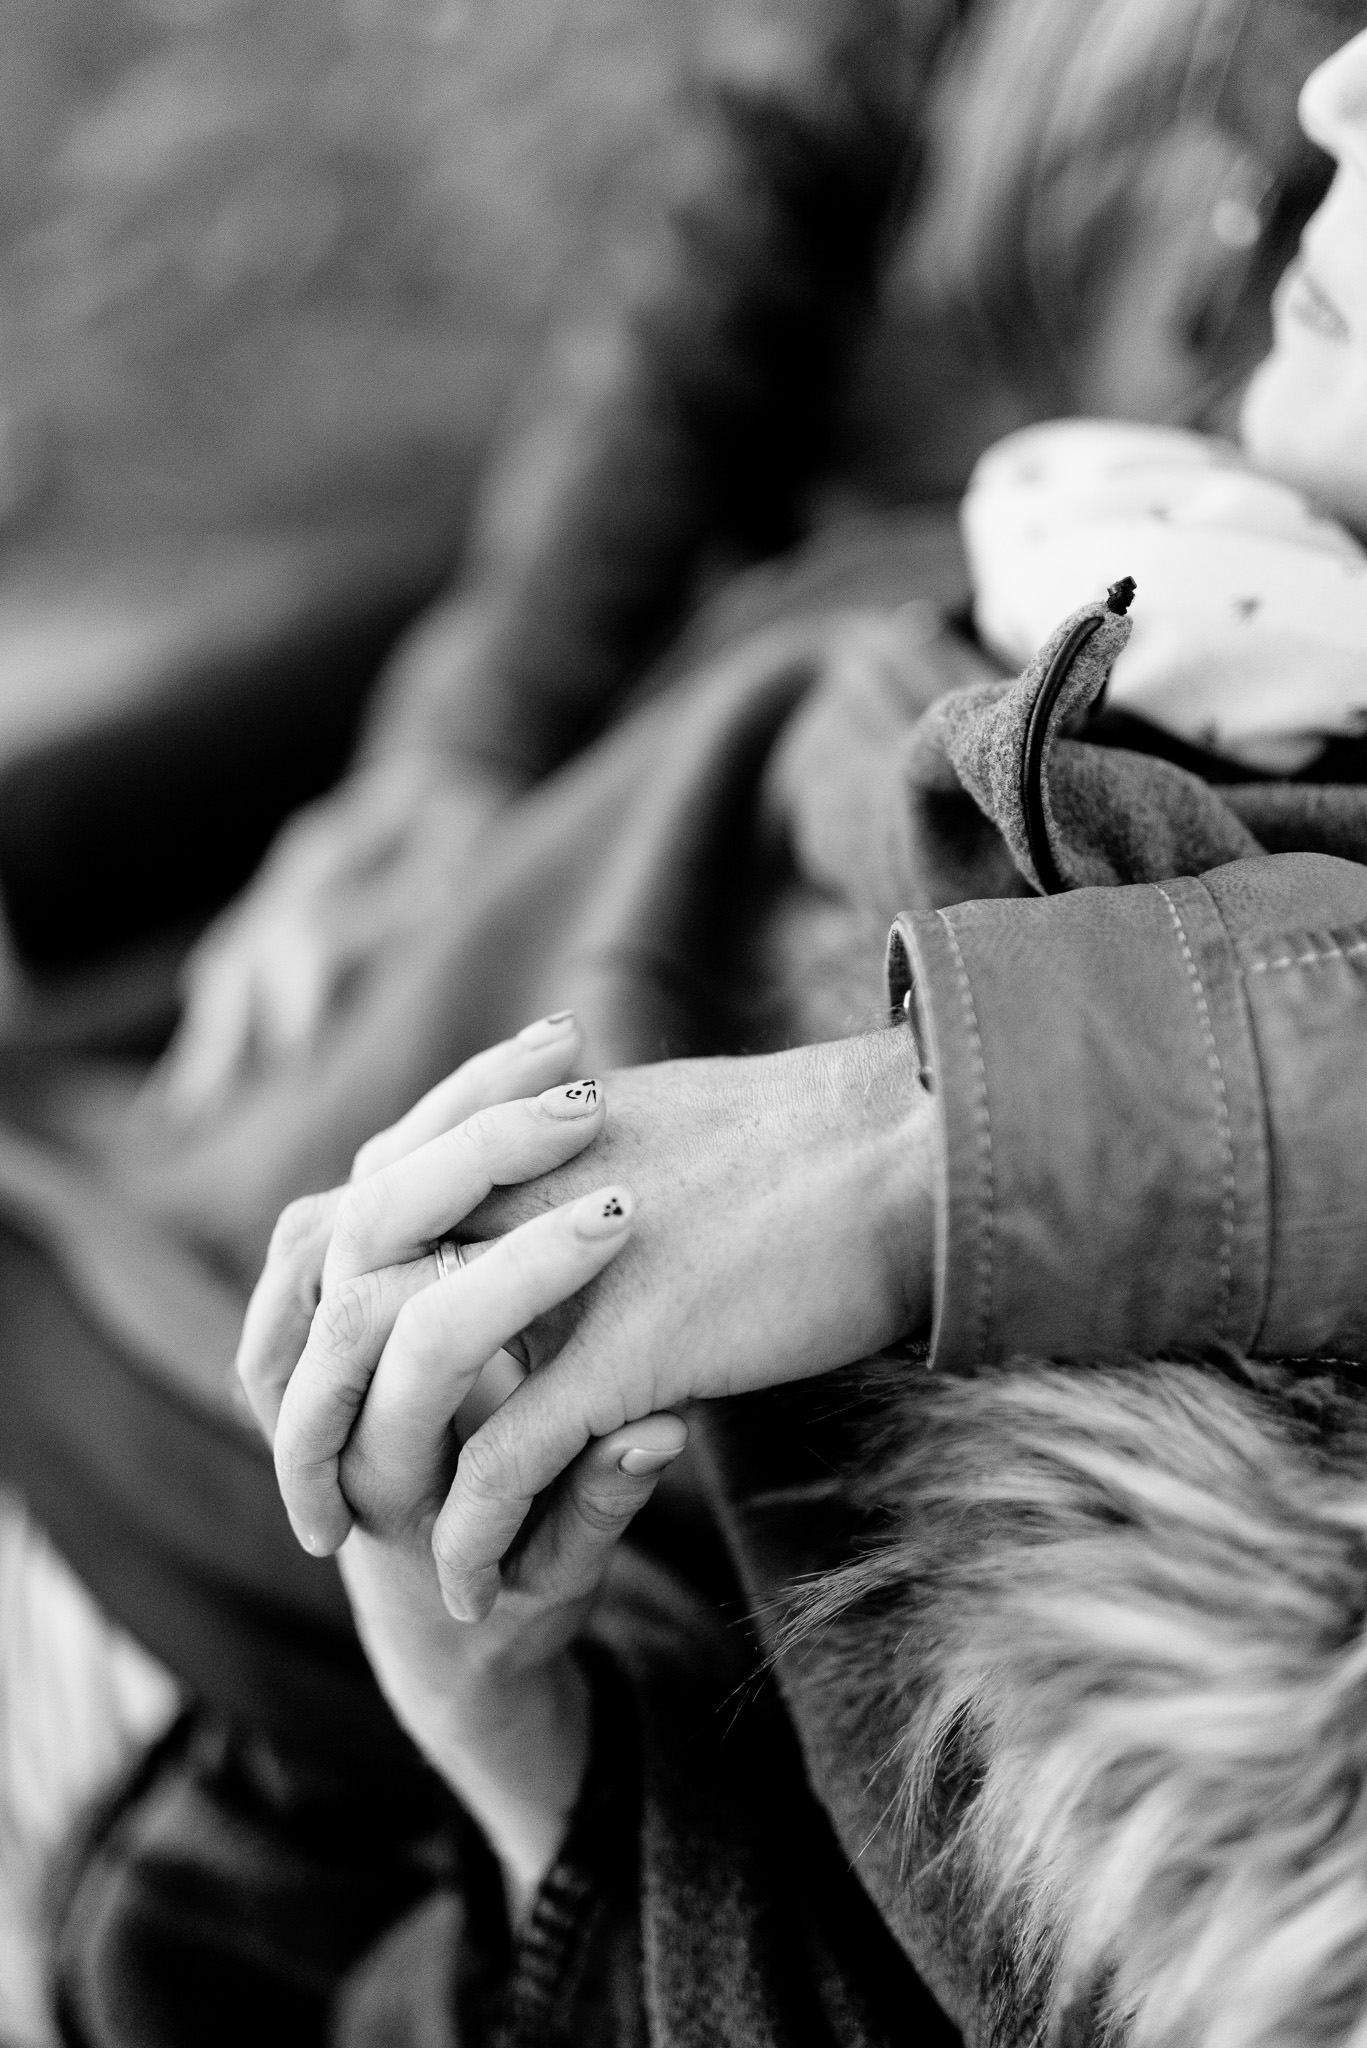 Photographe Grossesse Yvelines Paris extérieur séance maternité Chatou Rueil Malmaison Boulogne Billancourt Saint-germain-en-Lays 92 75 78 Hauts de Seine couple